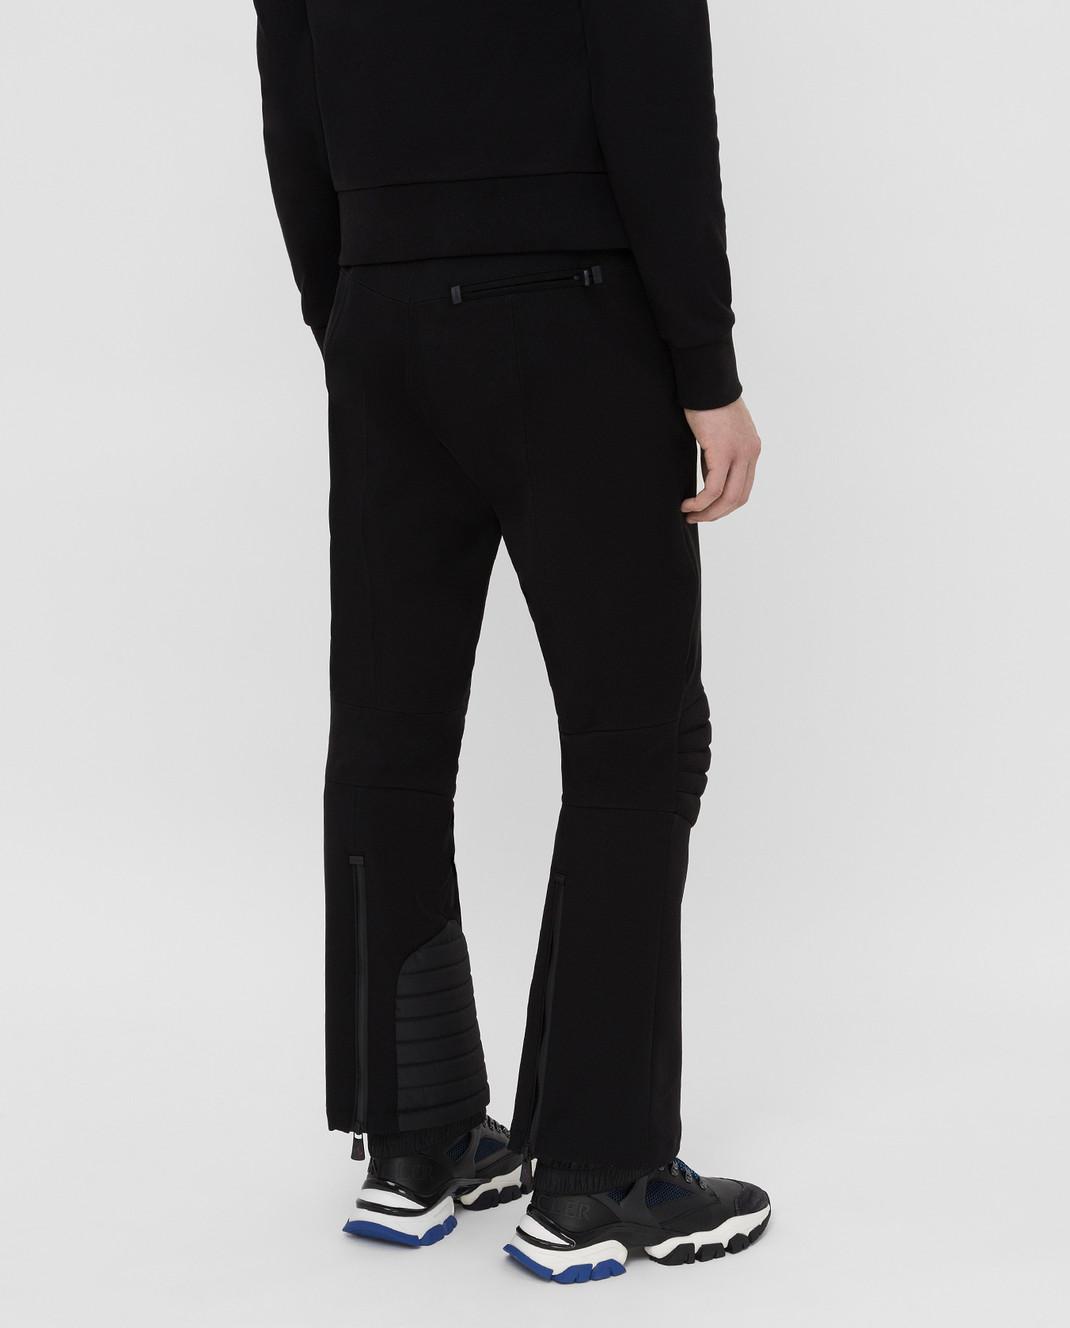 Moncler Grenoble Черные горнолыжные брюки изображение 4